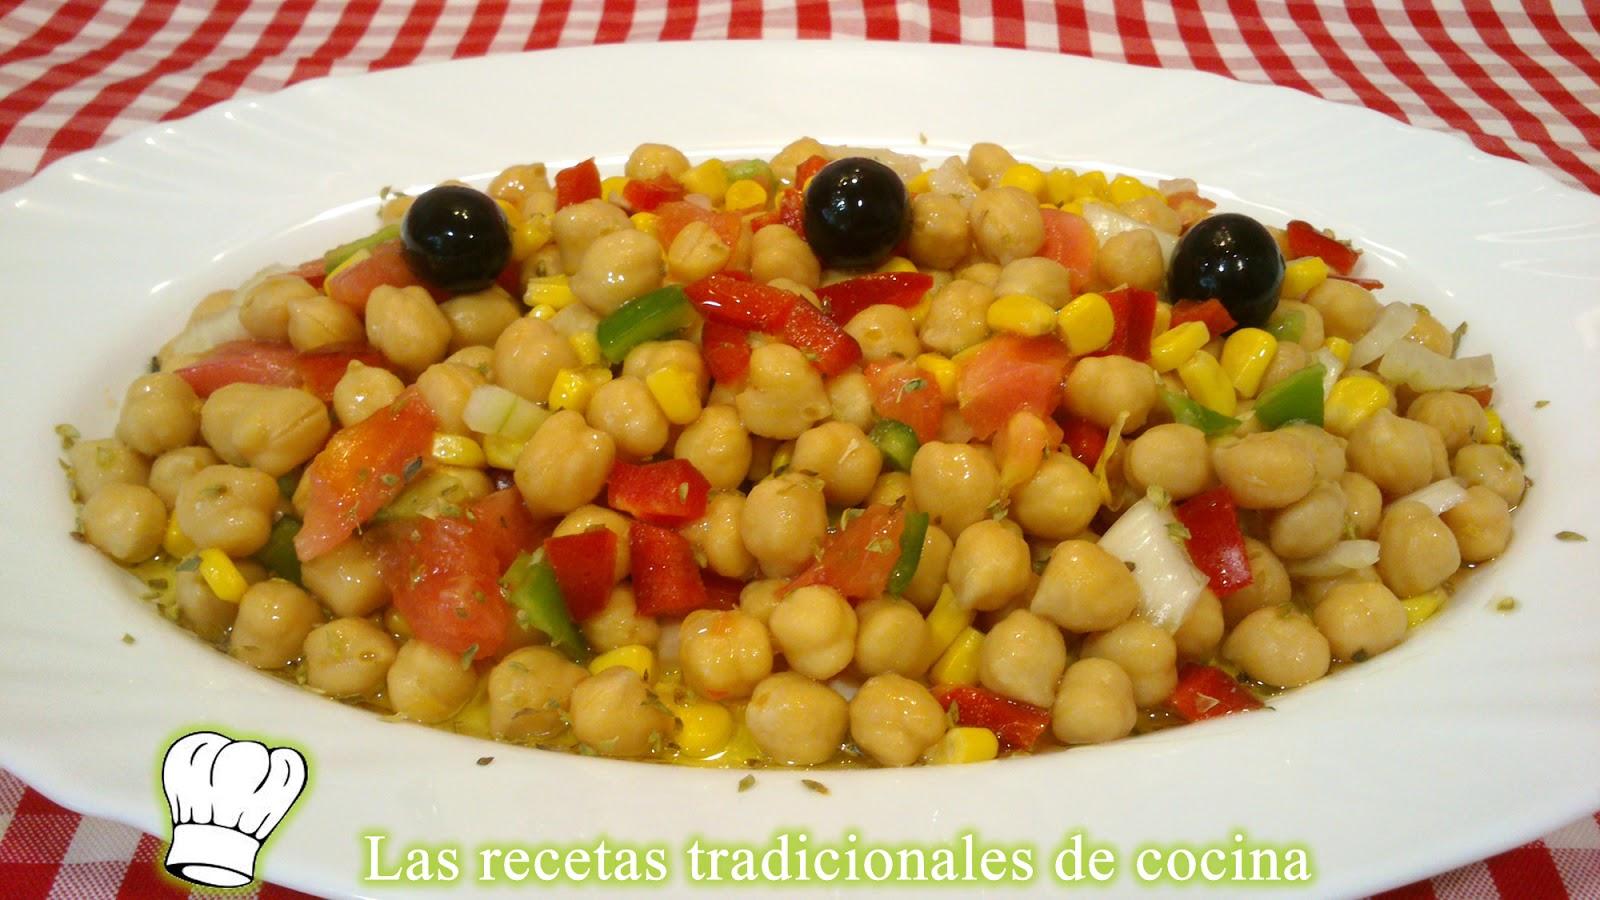 Receta de ensalada de garbanzos recetas de cocina con - Ensalada de garbanzos light ...